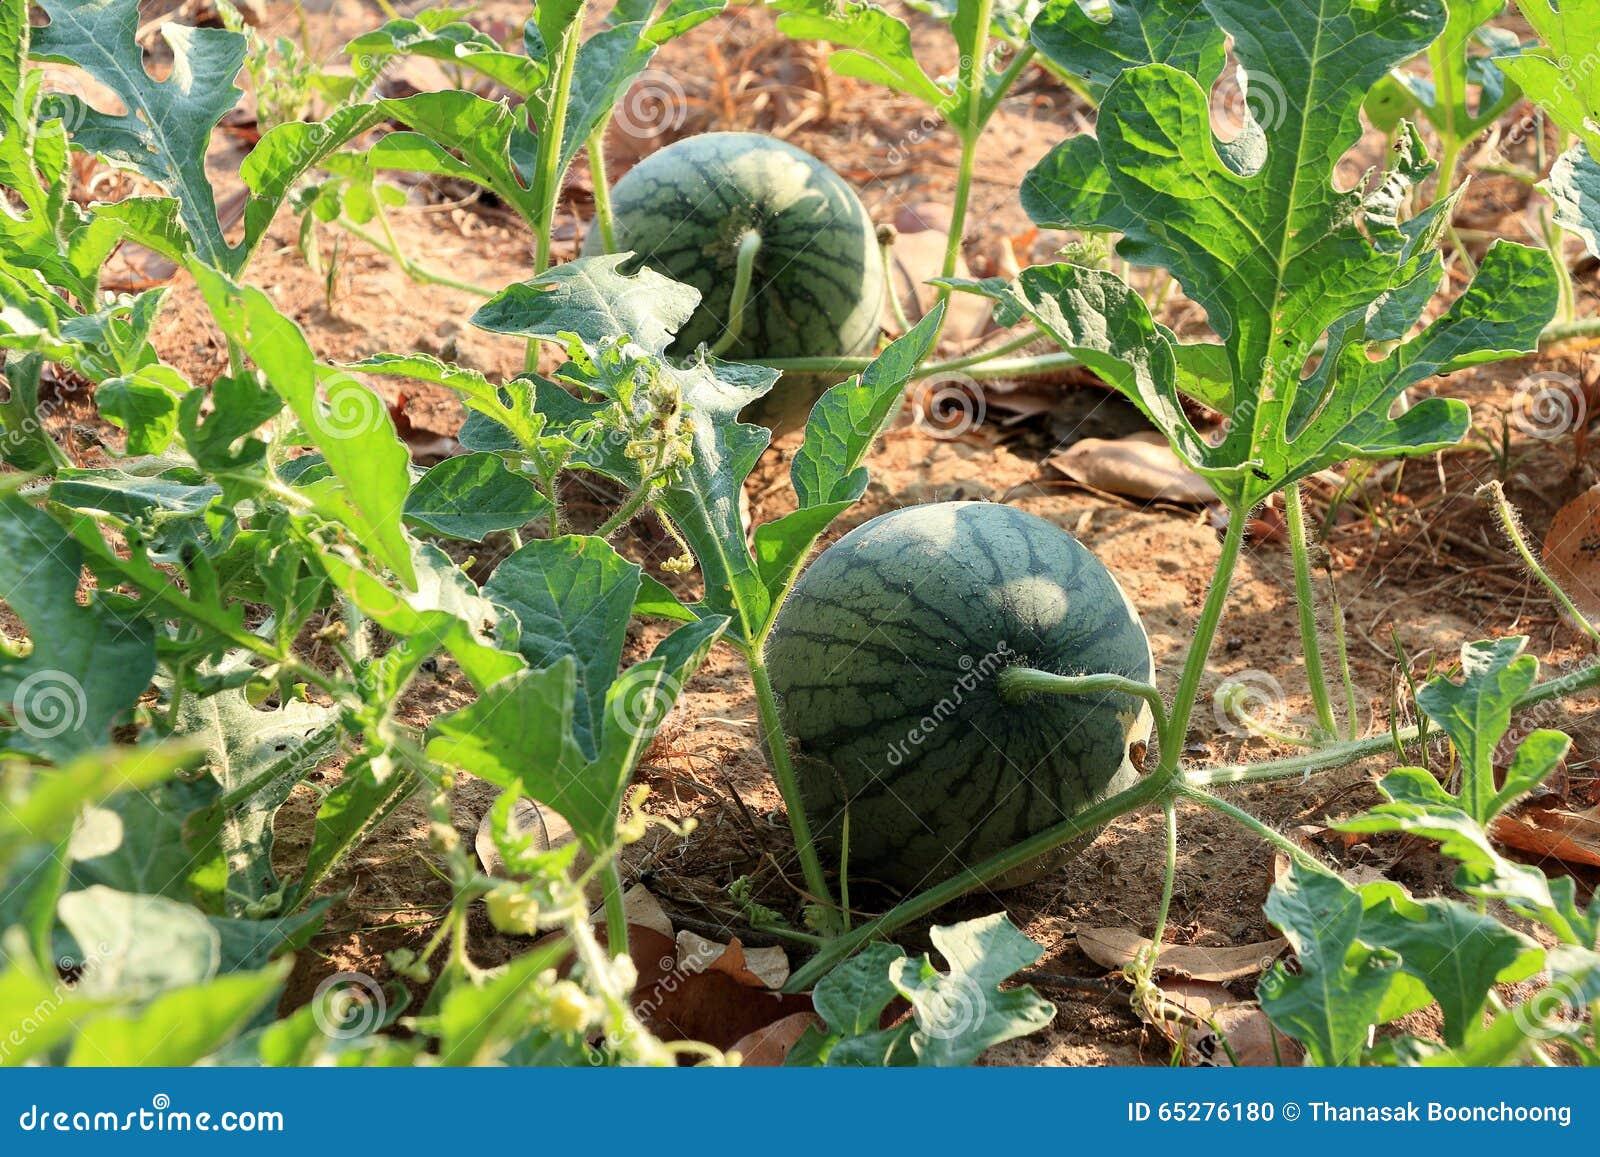 pastèque dans le jardin photo stock. image du melon, arbre - 65276180